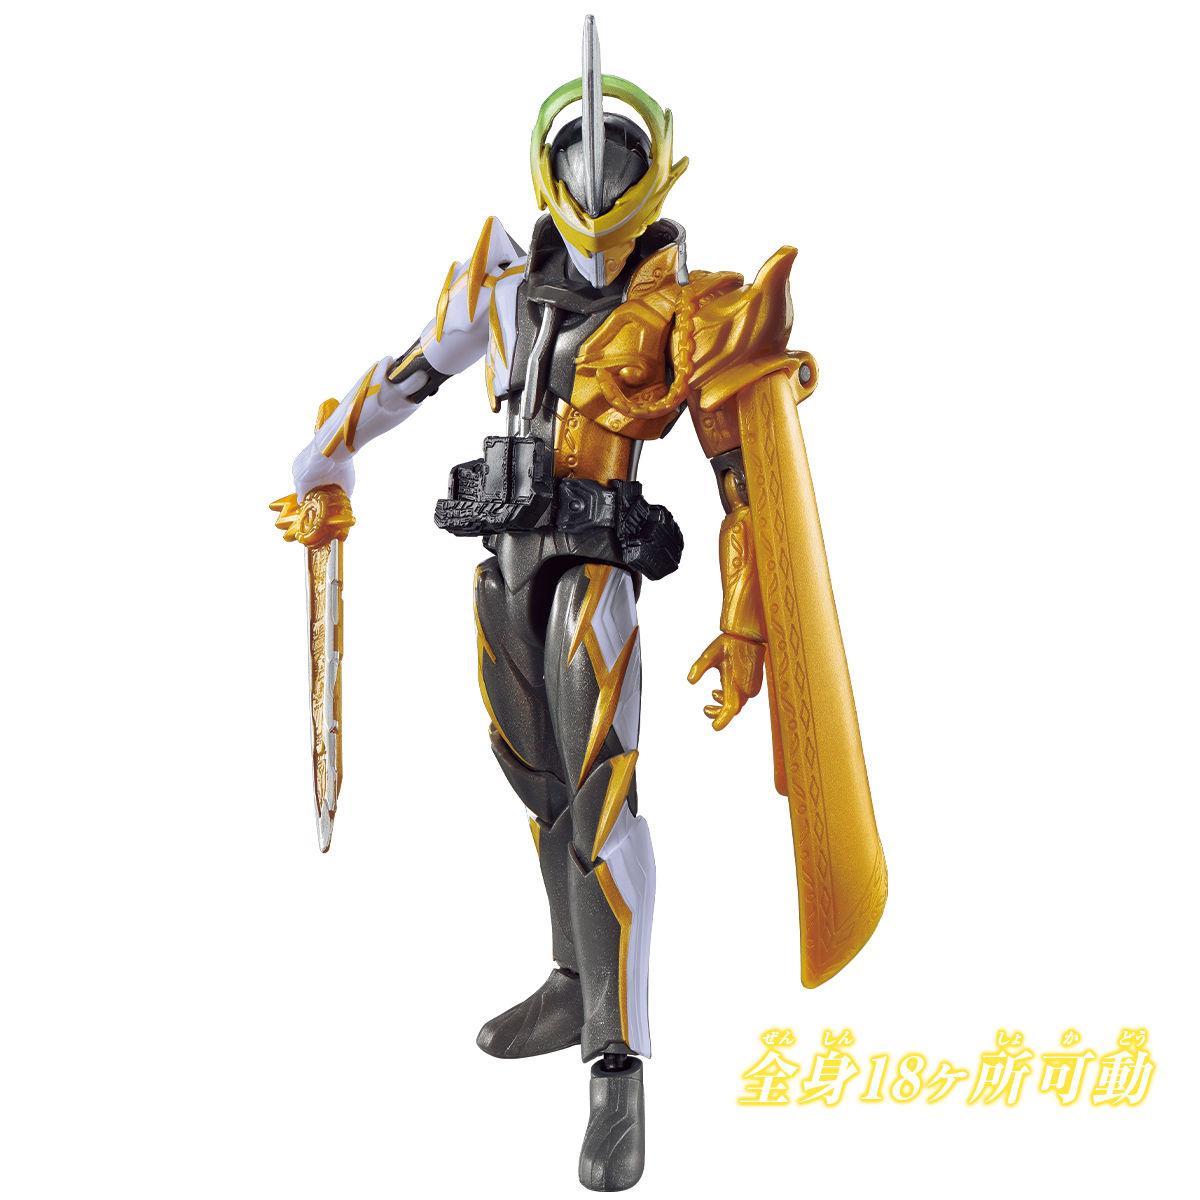 RKF『仮面ライダーエスパーダ ランプドアランジーナ』仮面ライダーセイバー 可動フィギュア-004